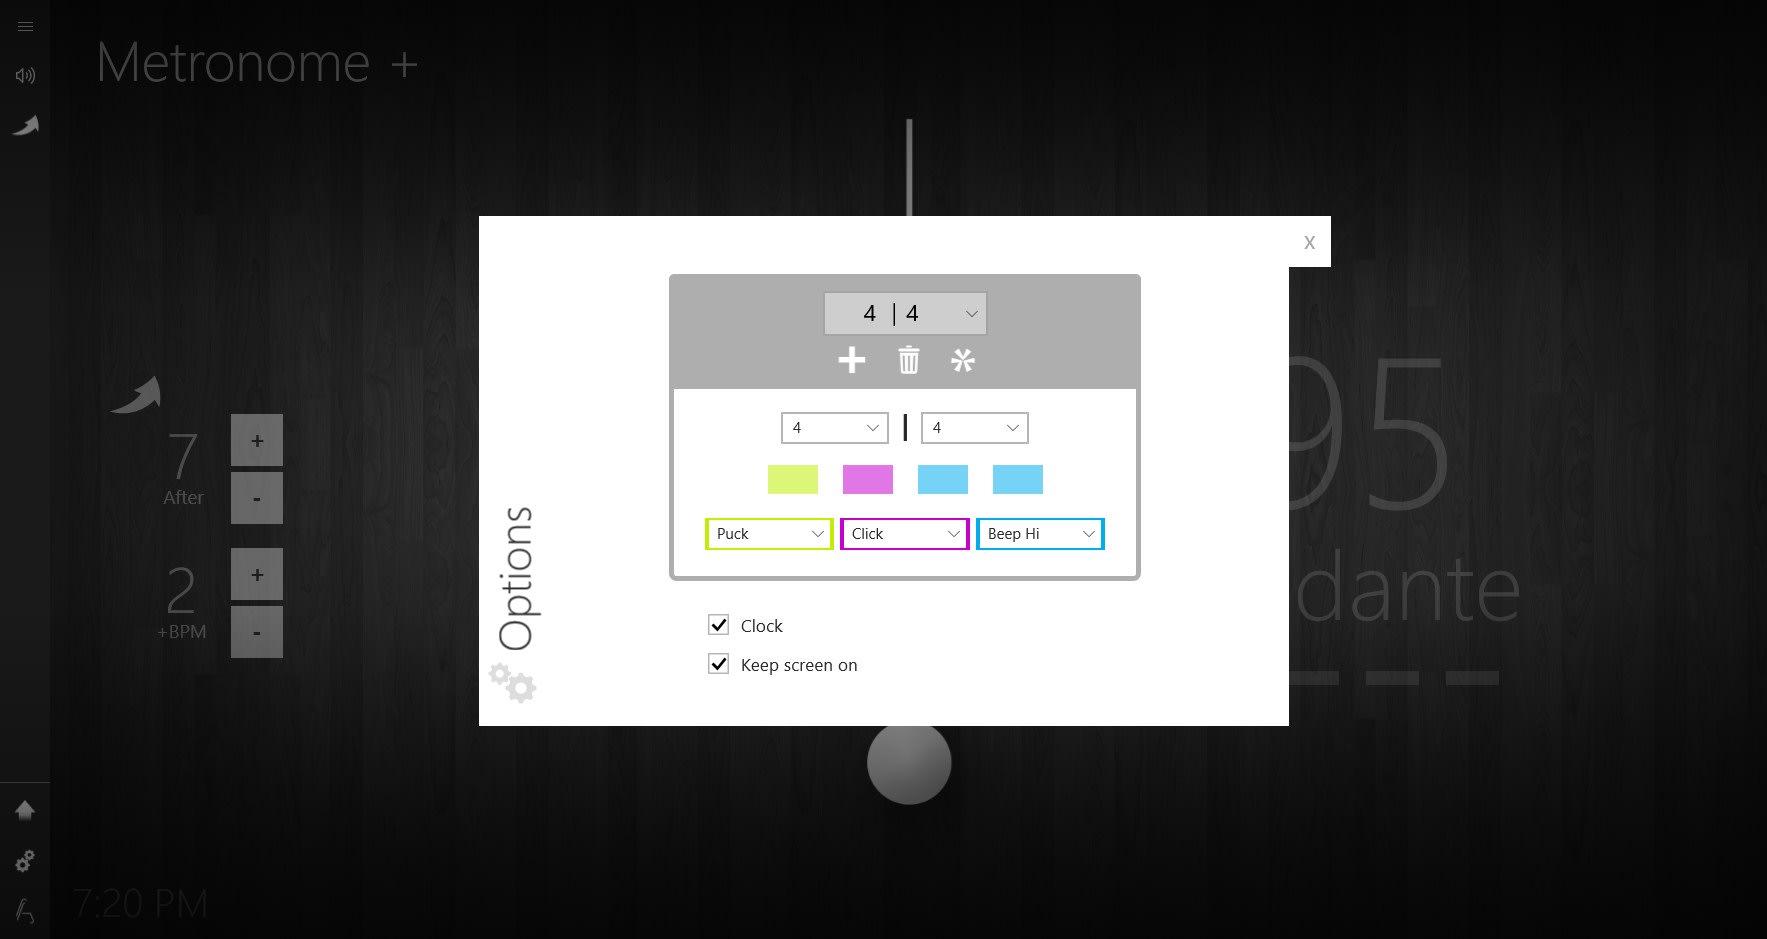 Metronome +